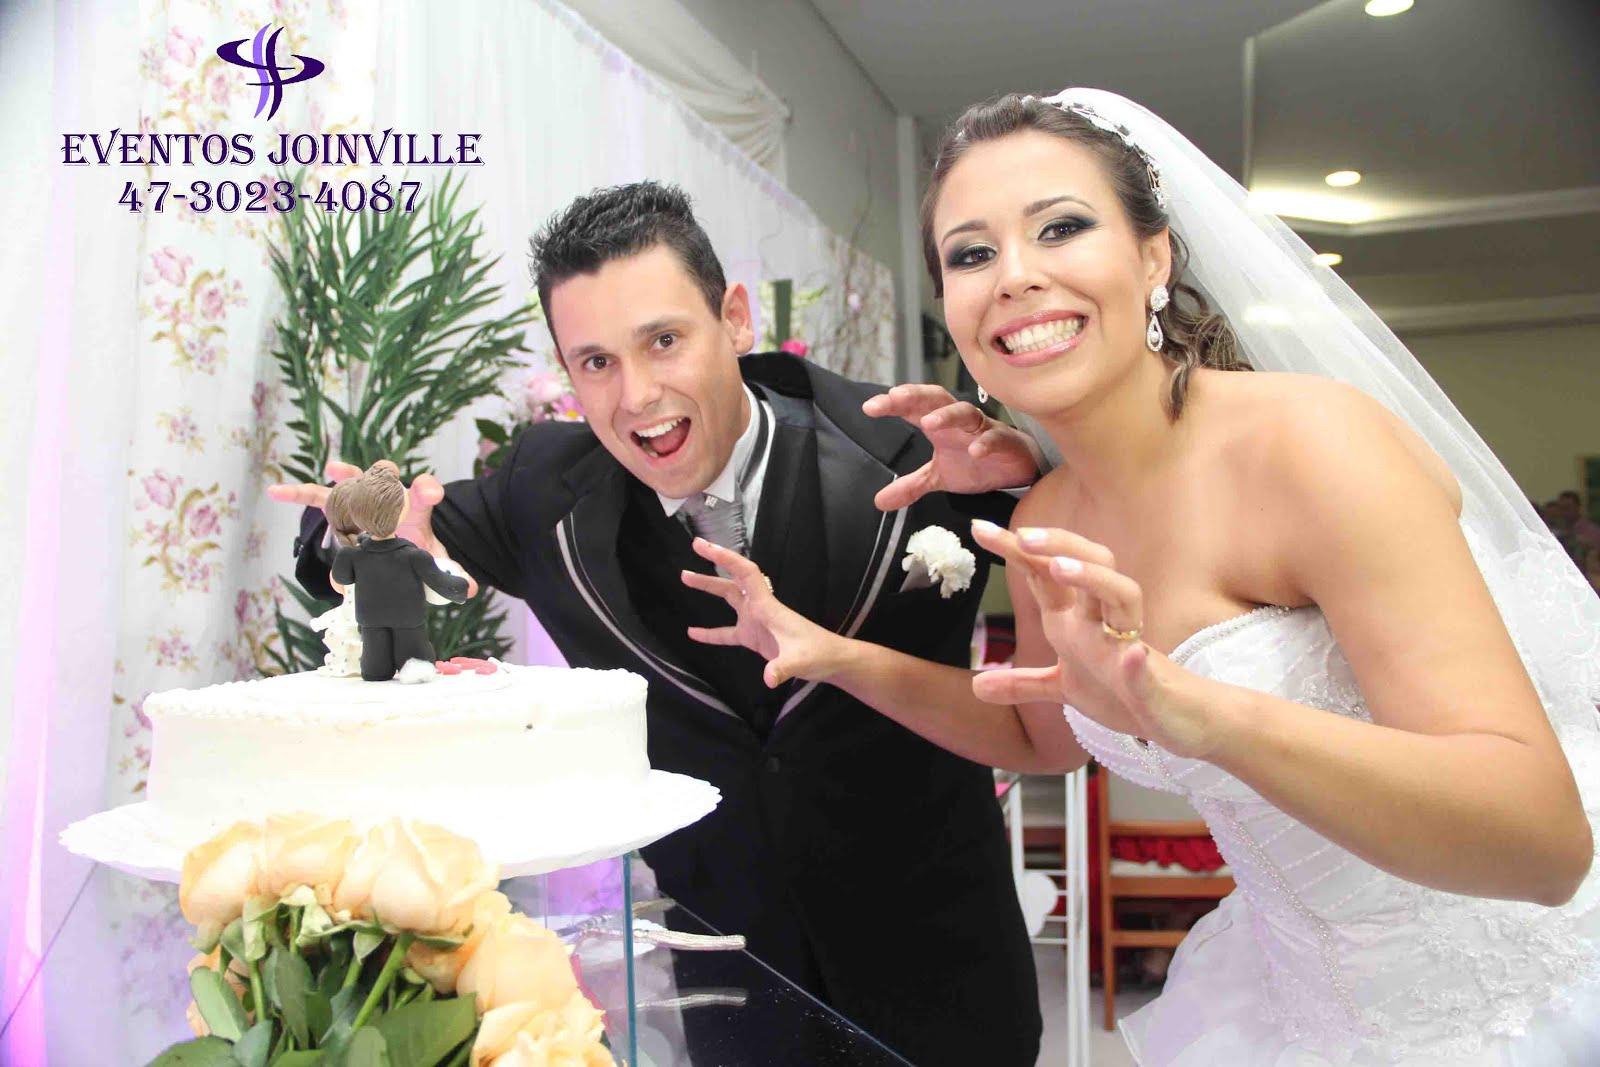 Filmagem para casamento em Joinville